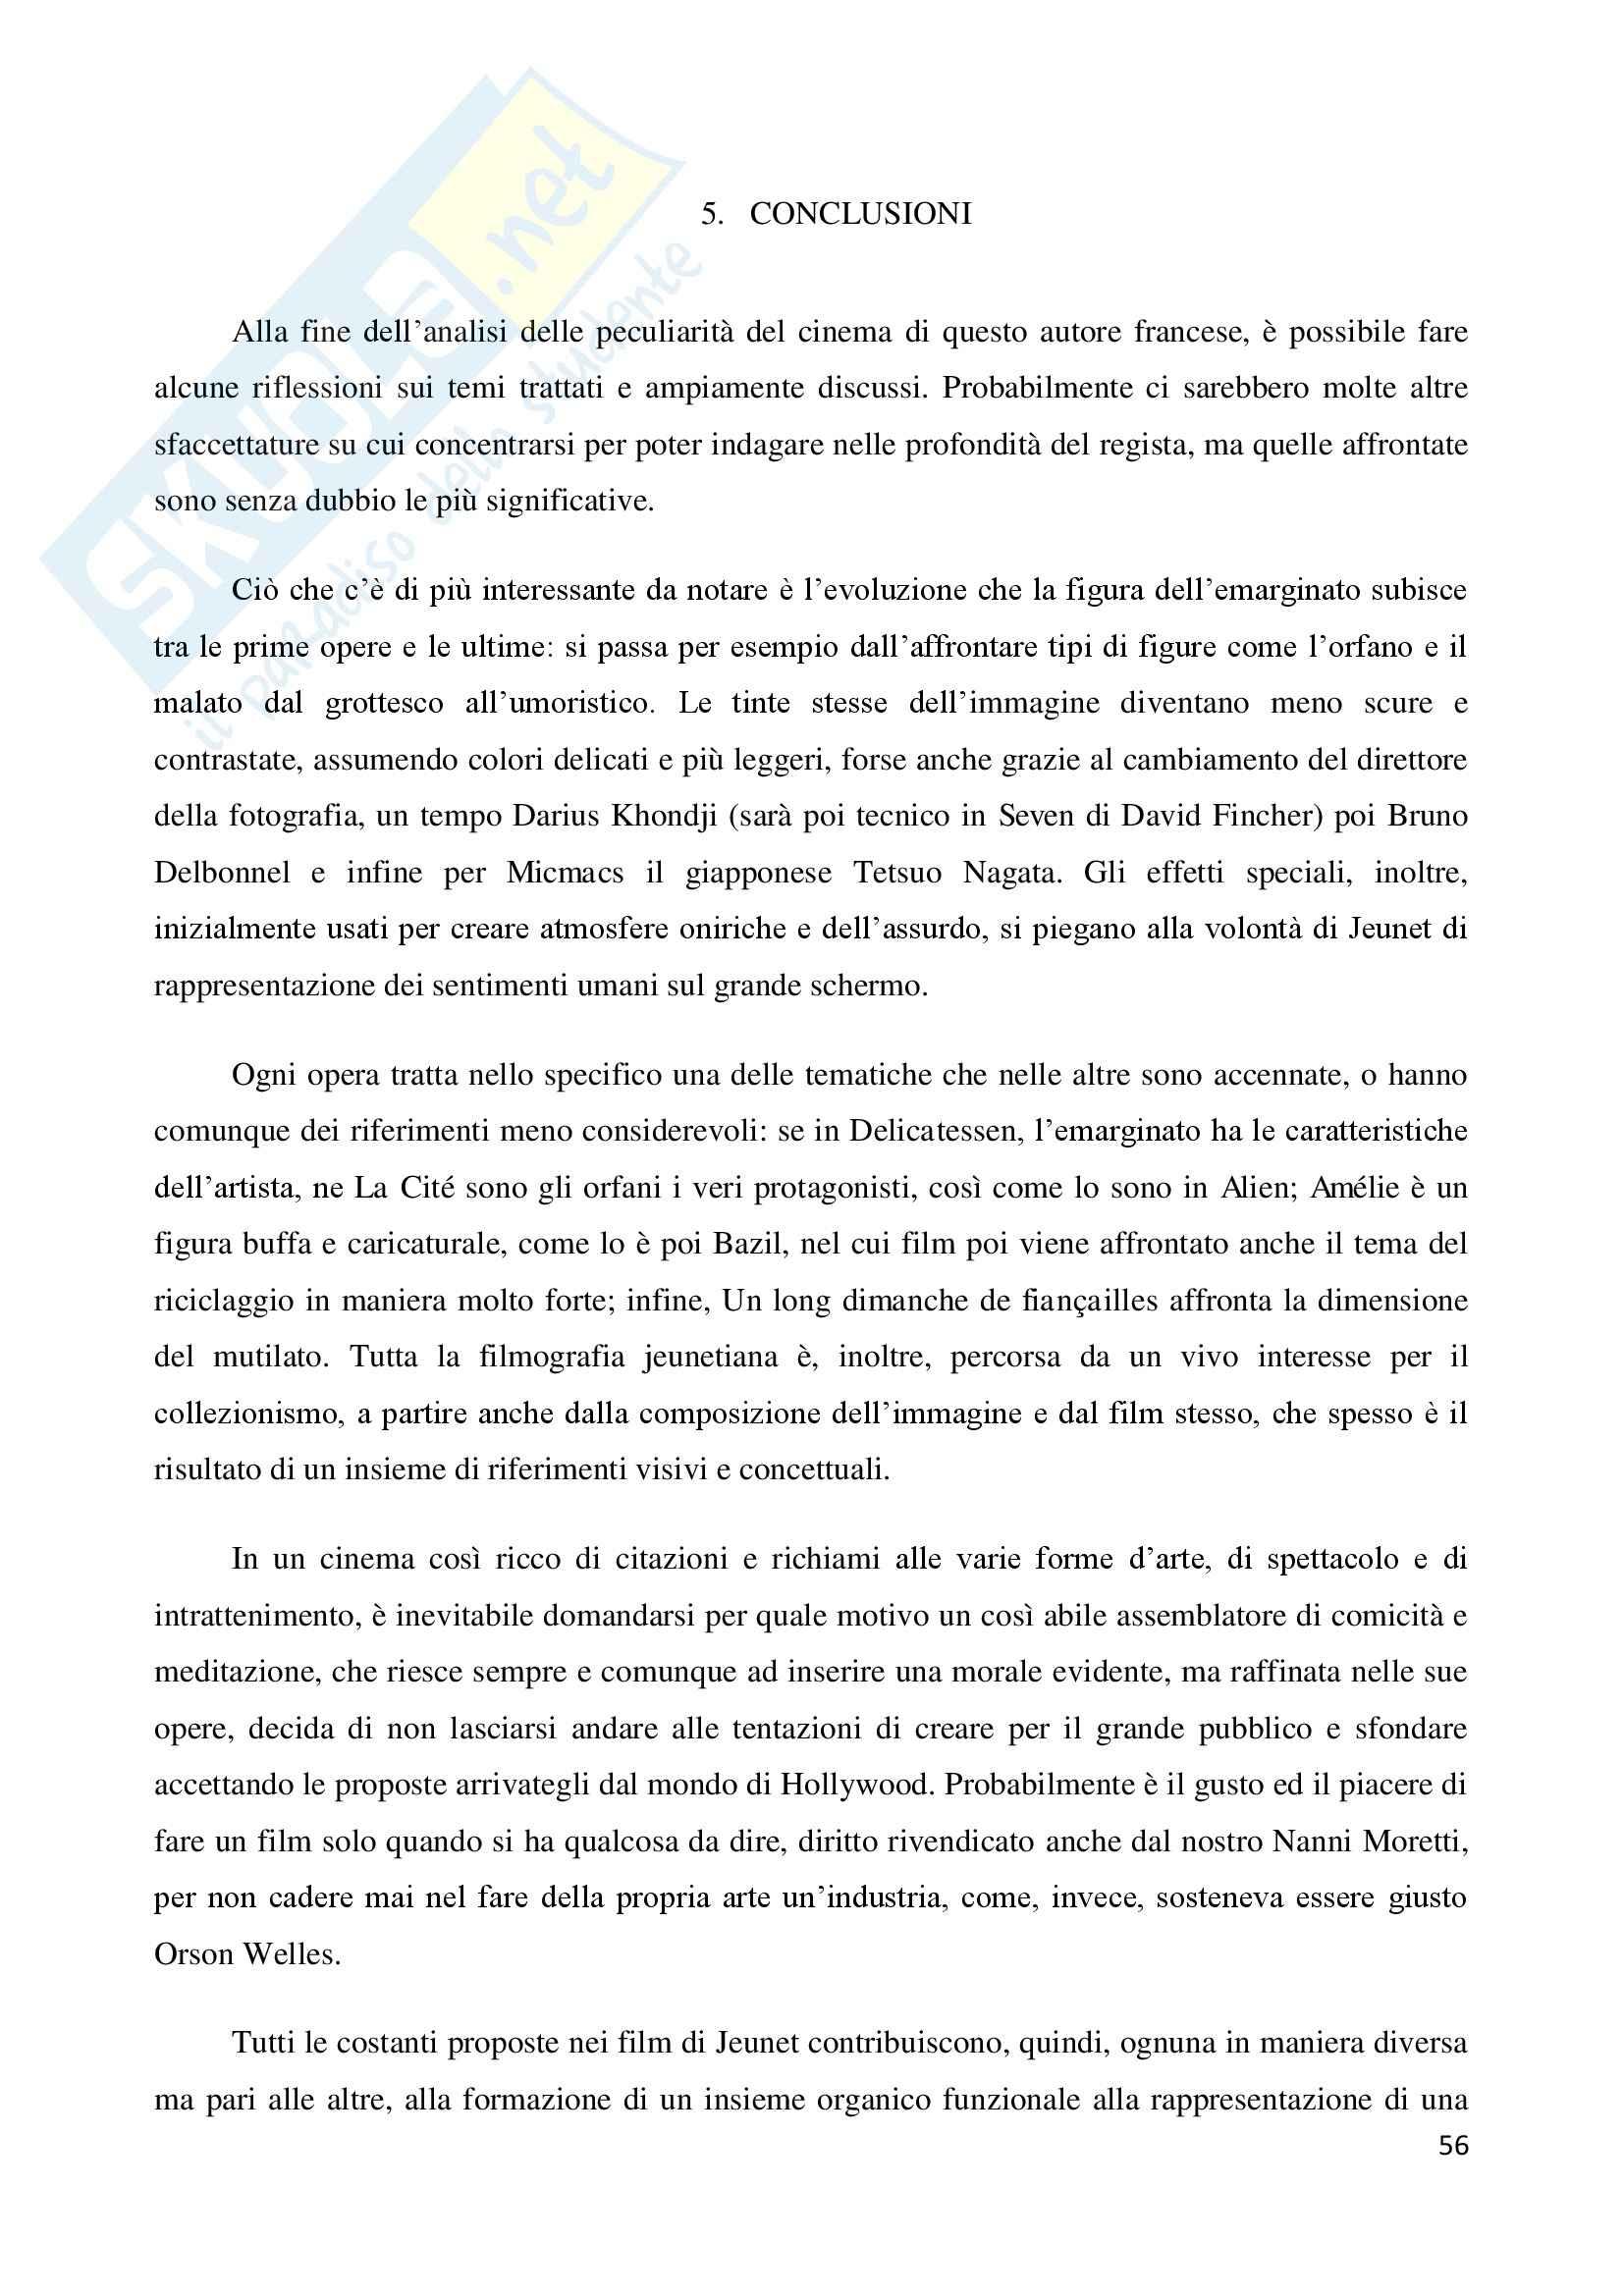 La marginalità delle esistenze nel cinema di Jean Pierre Jeunet, tesi Pag. 56